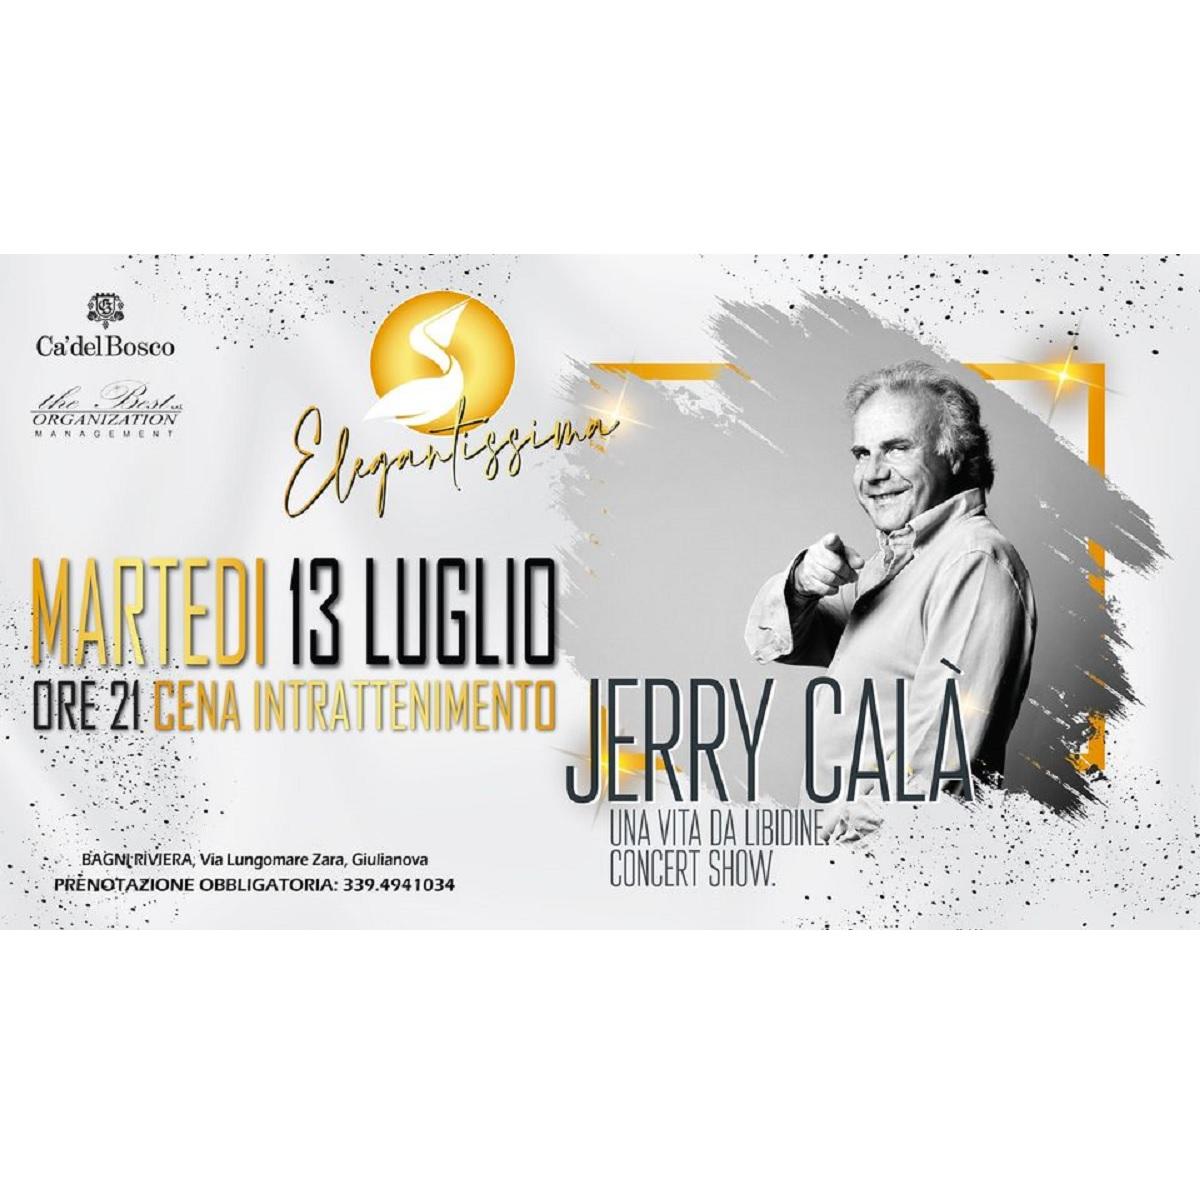 Jerry Calà martedì 13 luglio 2021 Bagni Riviera foto